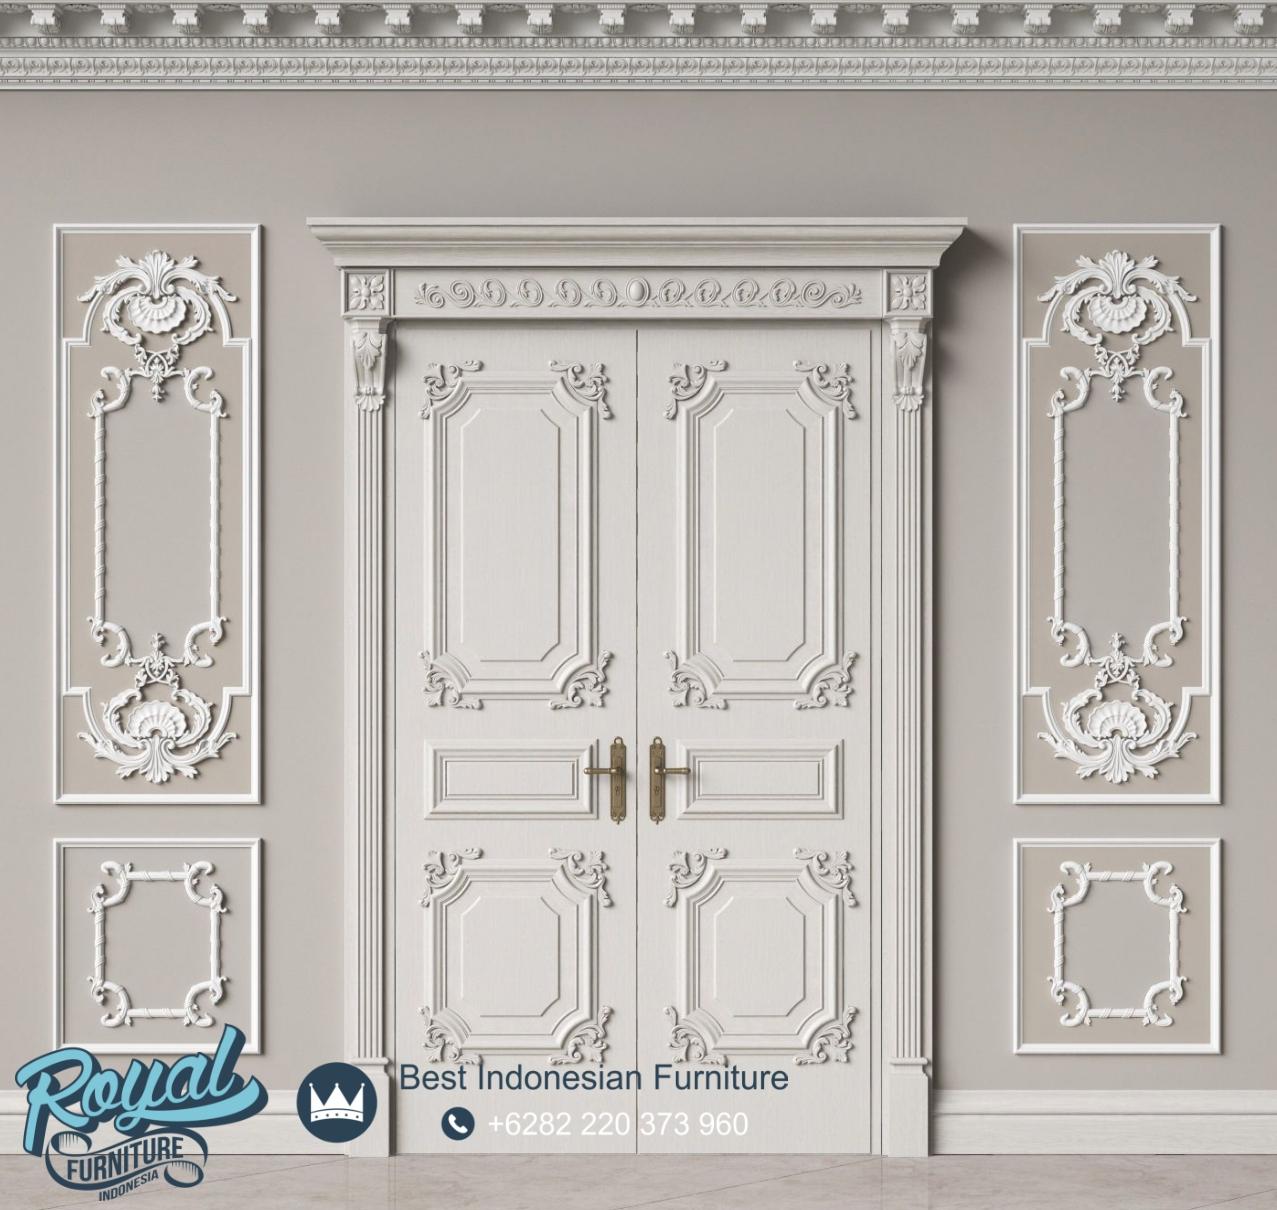 Pintu Kusen Kayu Modern Ukiran Jepara Warna Putih Duco, model pintu jepara, pintu jati jepara, pintu jepara minimalis, harga pintu jepara, model kusen pintu jepara, model pintu jepara terbaru, kusen pintu klasik, pintu kayu jati mewah, harga kusen pintu jati jepara, harga kusen jati, harga pintu kayu jati 2020, harga kusen jati tua, harga pintu jati 2 pintu, harga kusen 2 pintu mewah, kusen pintu kayu jati kualitas terbaik, gambar pintu rumah klasik, kusen pintu jati perhutani, jual pintu kayu jati ukiran jepara, kusen pintu jendela jati, kusen pintu kayu jati jepara, pintu jati klasik, pintu dan kusen warna putih duco, pintu jati minimalis terbaru, pintu jati jepara minimalis, pintu jati minimalis modern, pintu kayu jati mewah, pintu dan kusen utama, model pintu minimalis kayu jati, model pintu minimalis elegan, kusen jendela jati jepara, desain pintu jati minimalis, mebel jati jepara, royal furniture